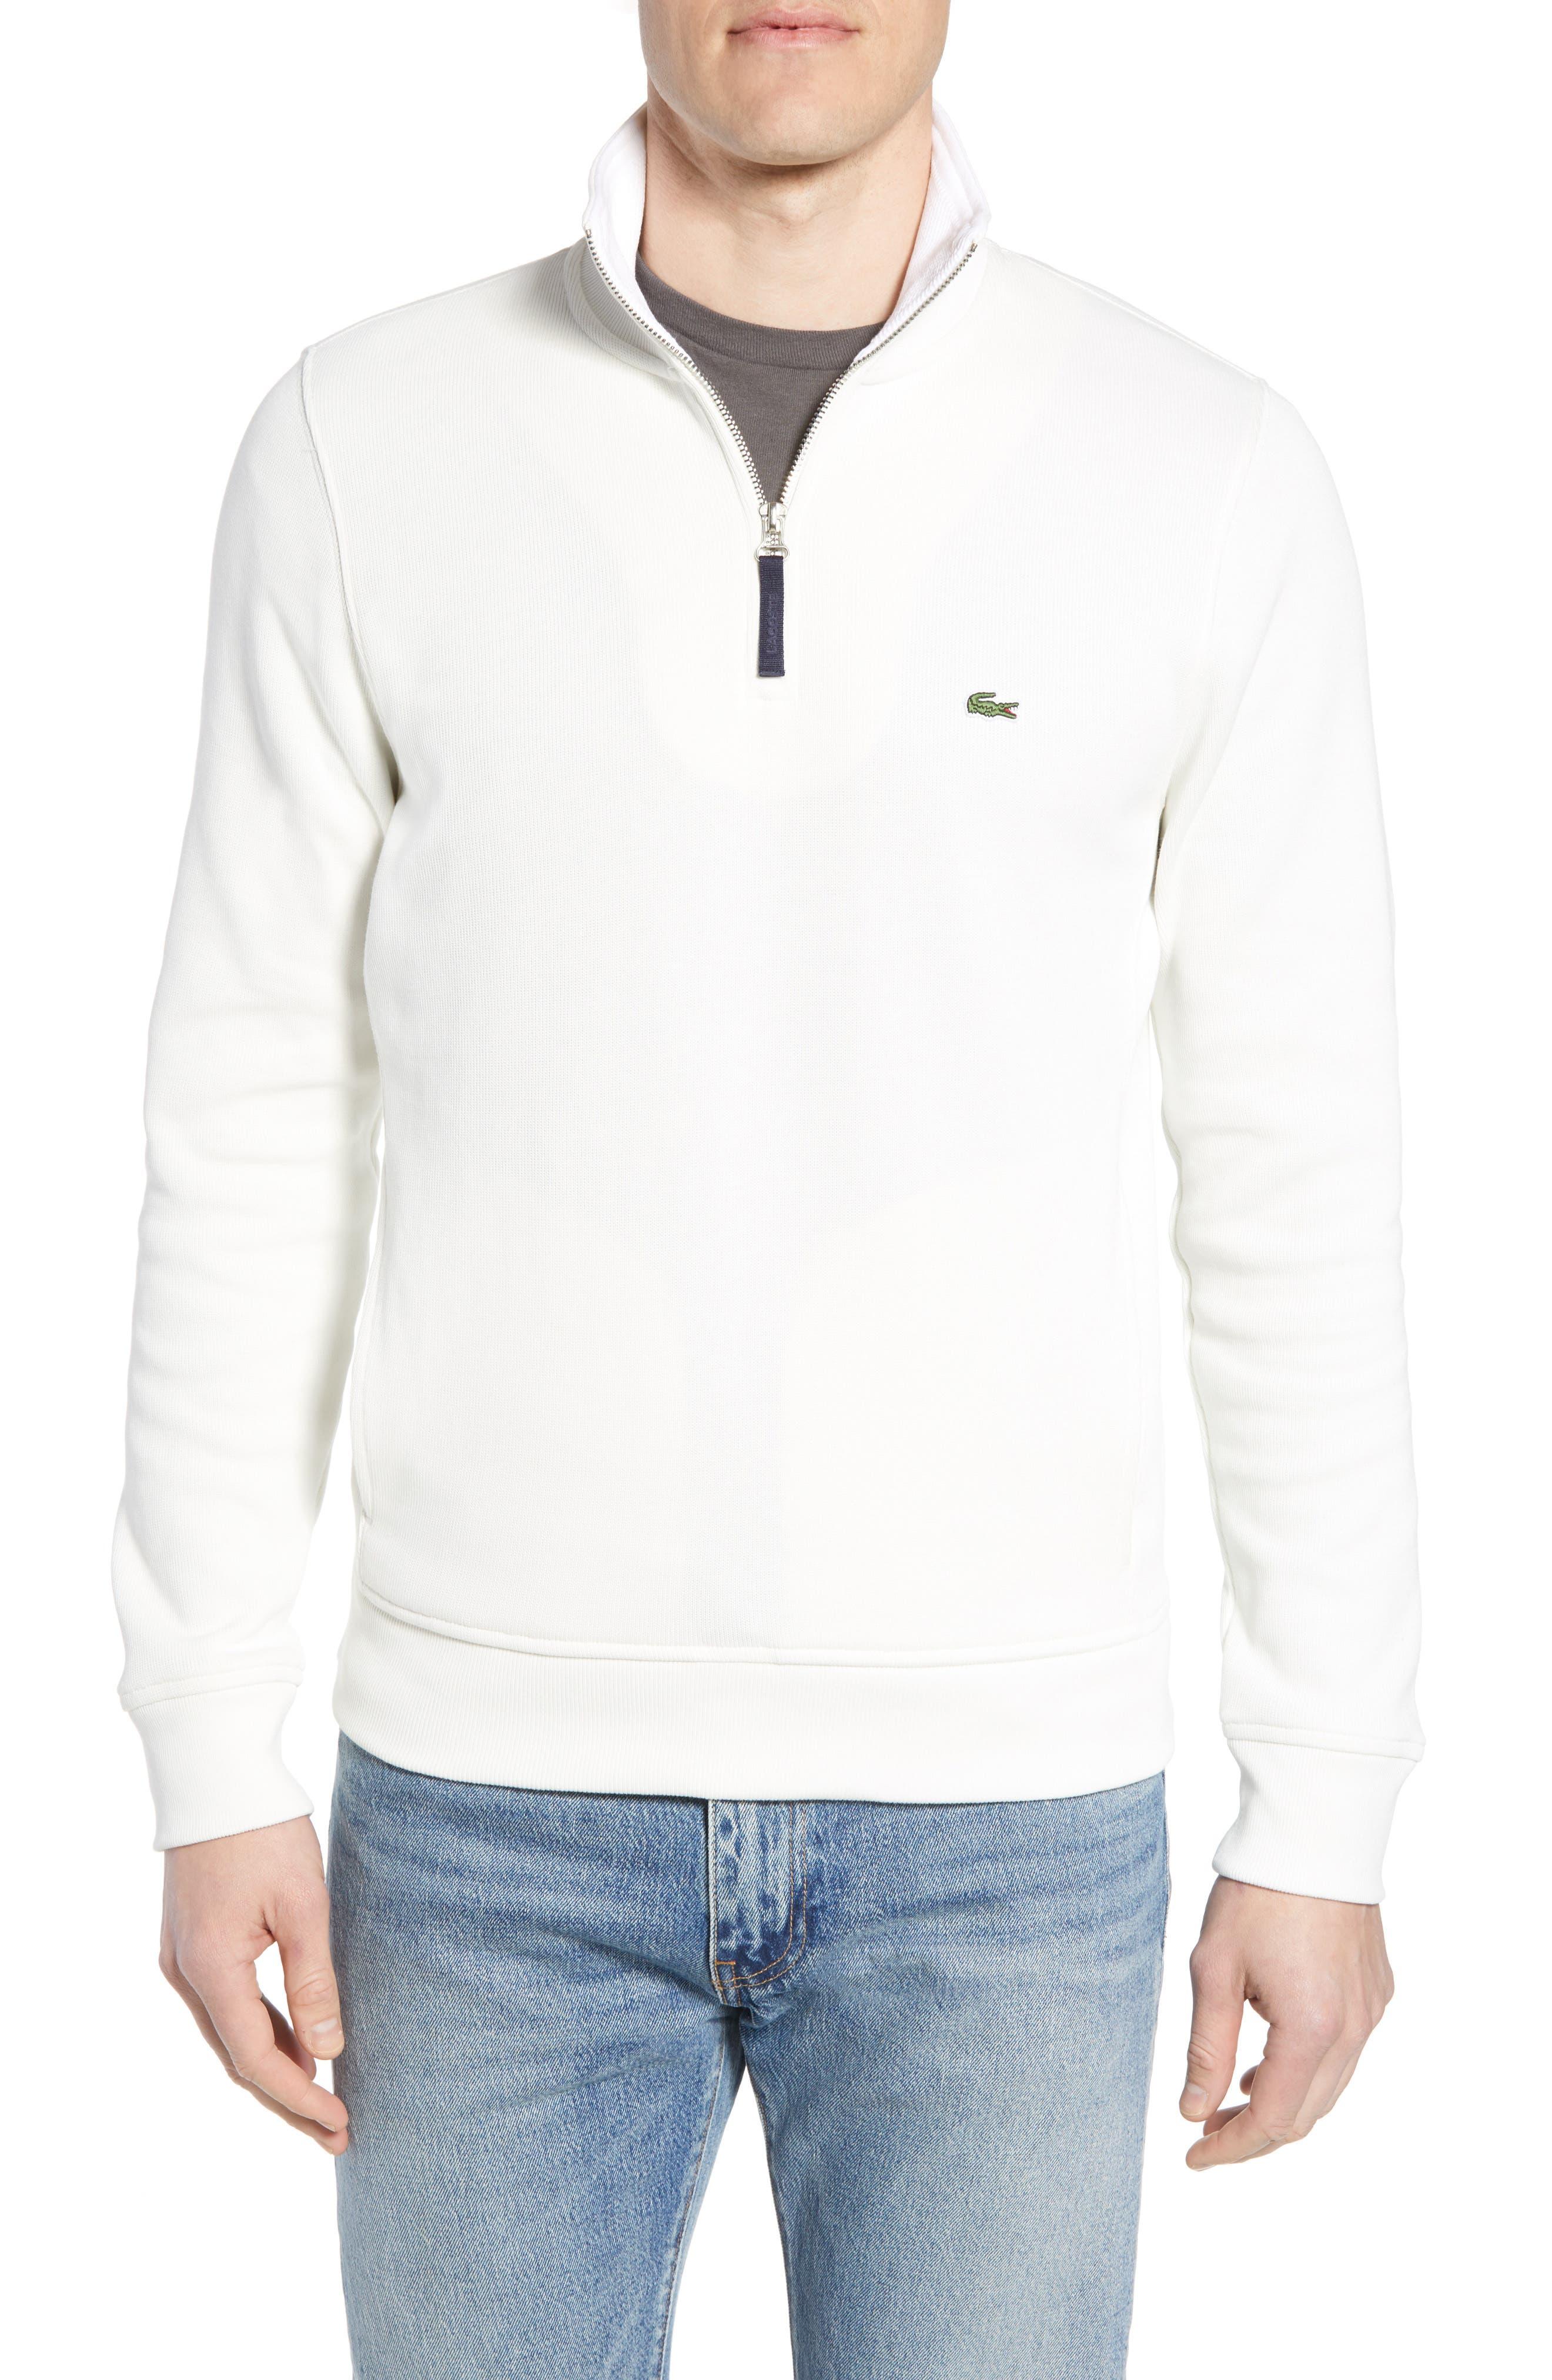 Quarter Zip Cotton Interlock Sweatshirt,                             Main thumbnail 1, color,                             Flour/ White